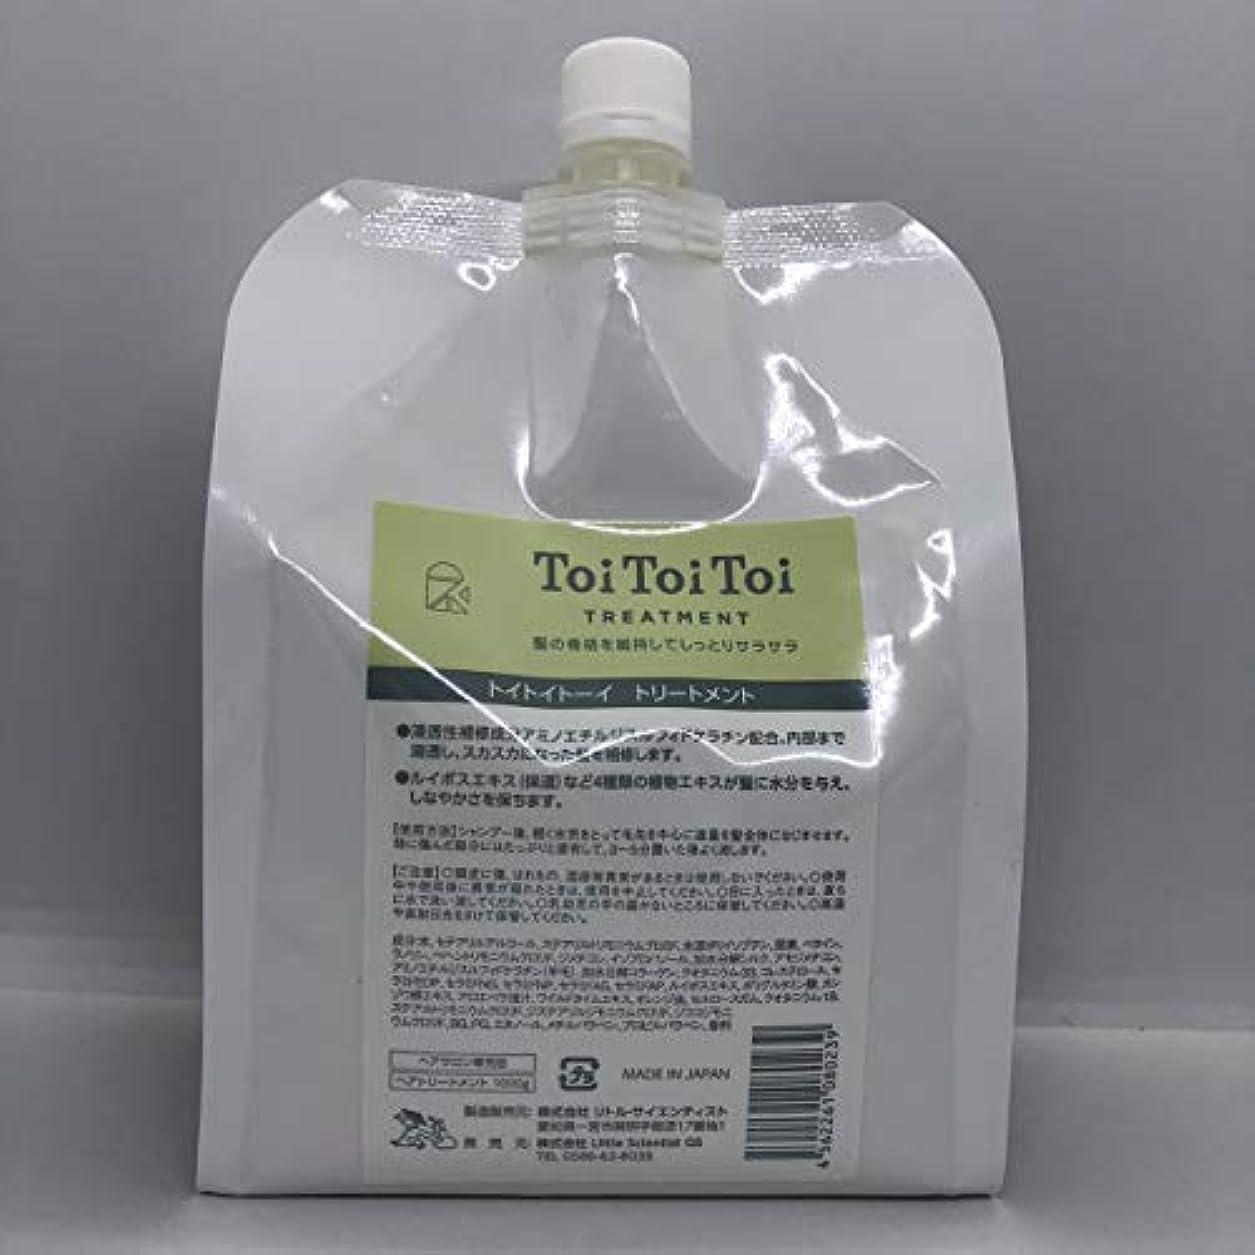 無関心植物学有彩色のリトルサイエンティスト トイトイトーイ ToiToiToi トリートメント 1000ml レフィル